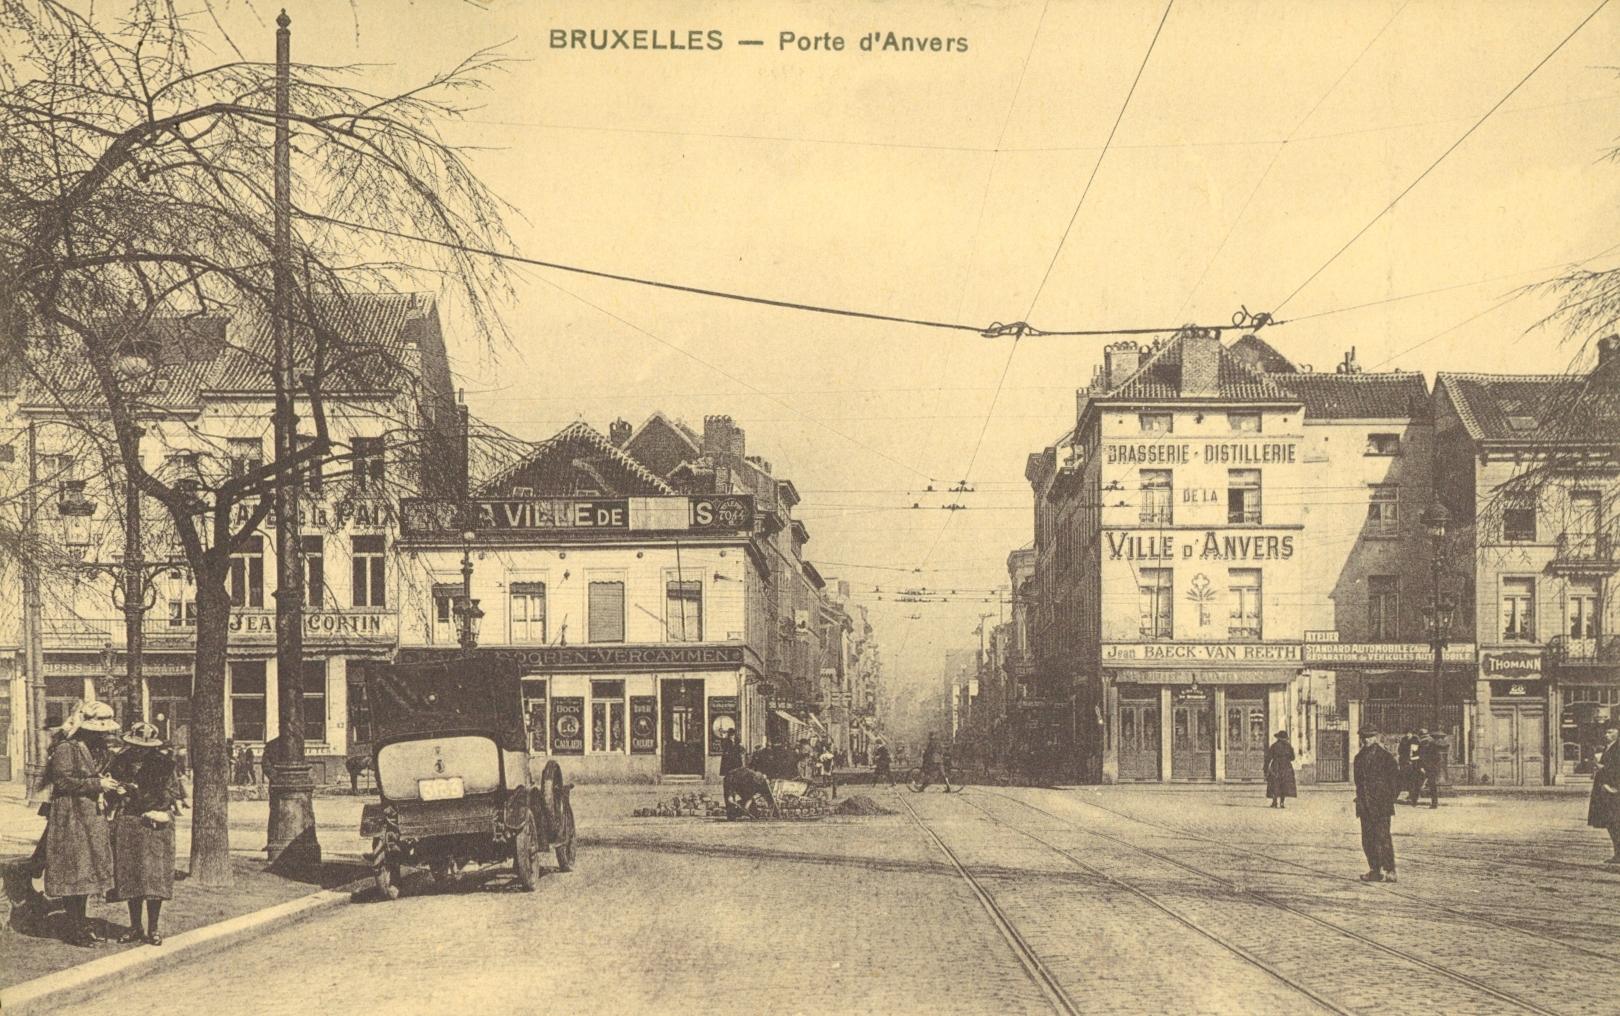 Vue de la chaussée d'Anvers depuis le boulevard Baudouin (coll. Belfius Banque © ARB-SPRB).